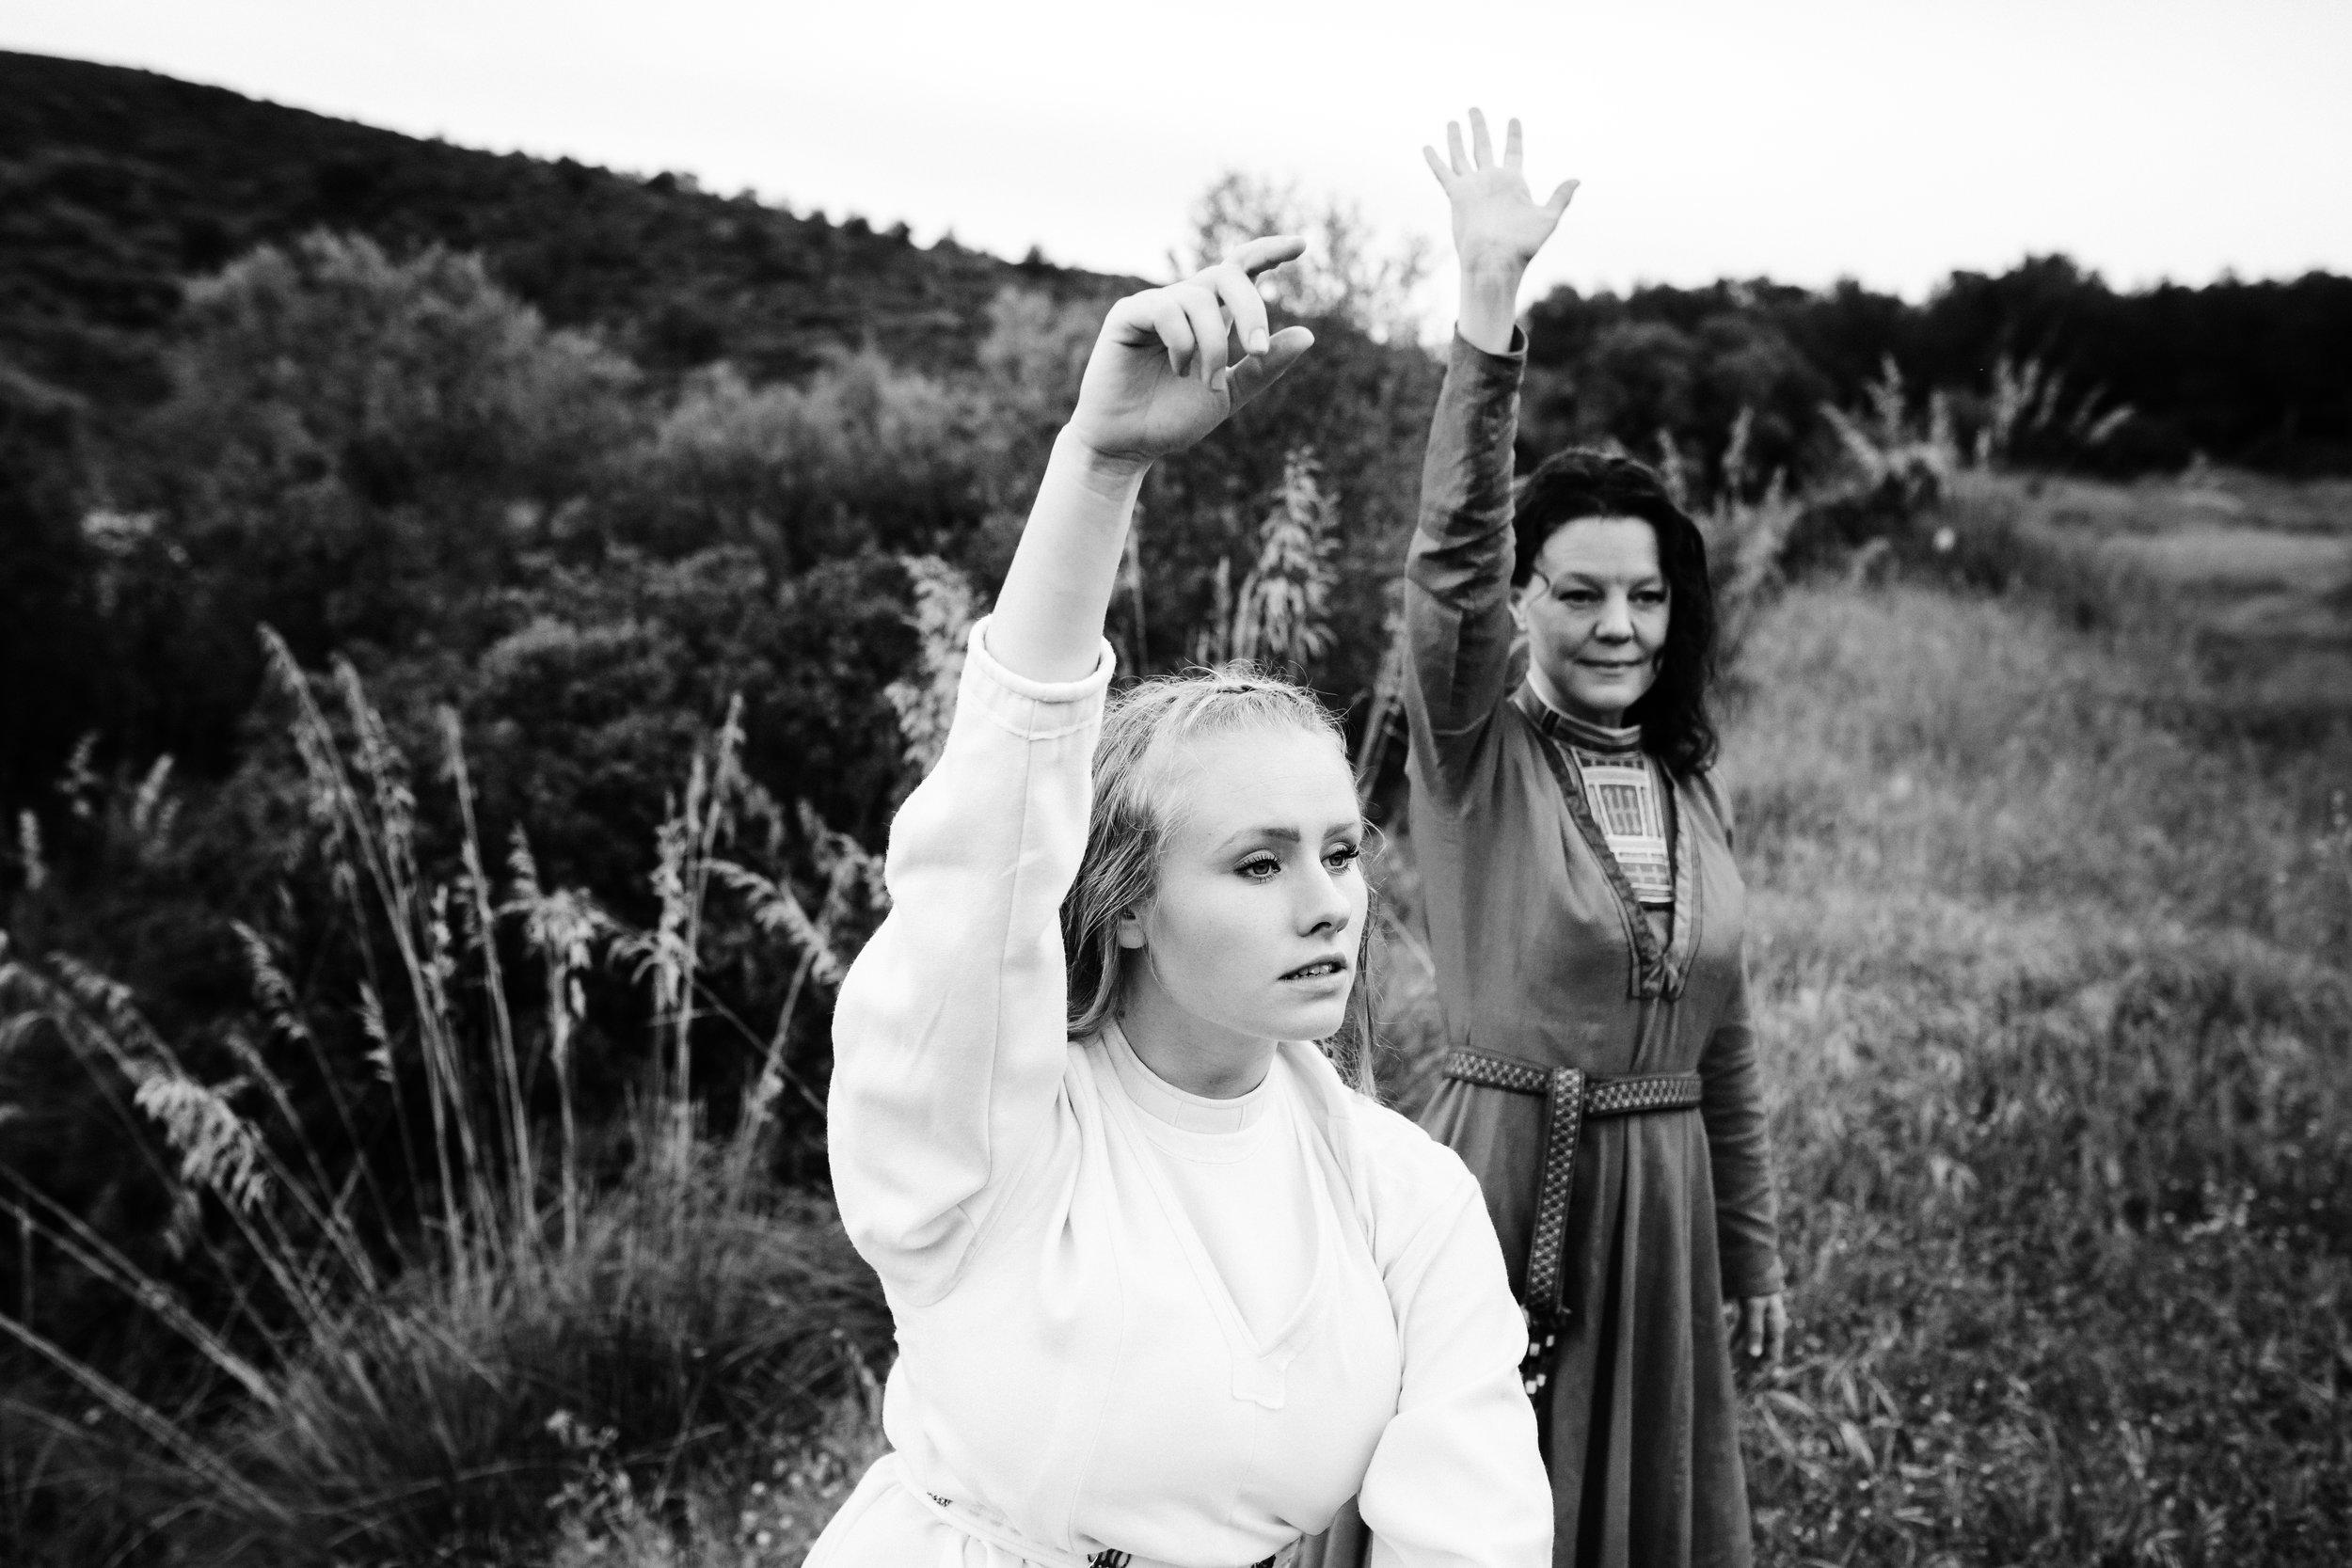 Liv- sami - masters dance- may 18 (21 of 86).jpg